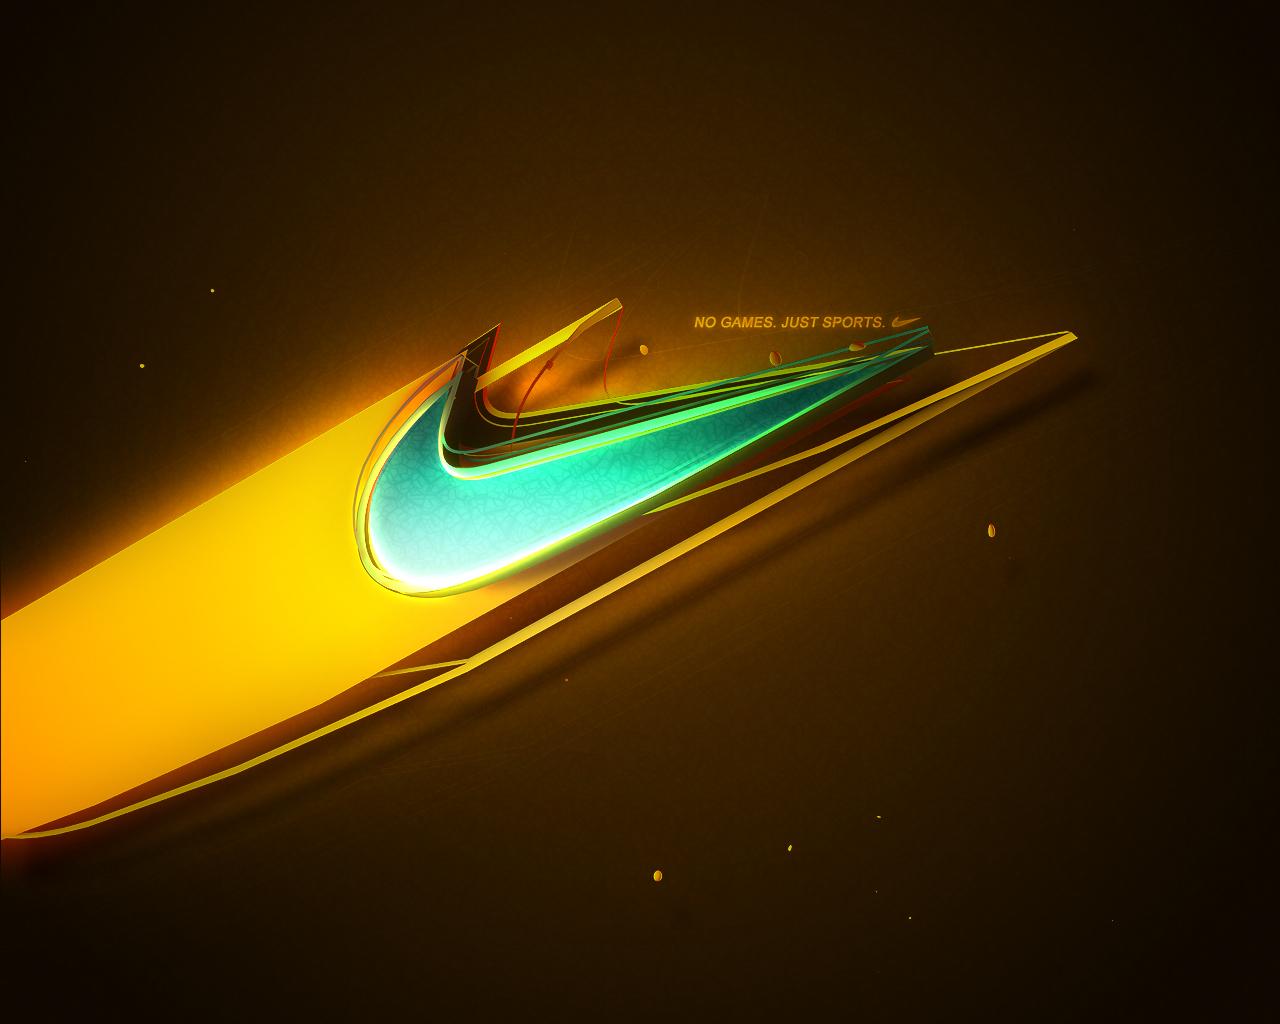 Best Nike Desktop Backgrounds 1280x1024